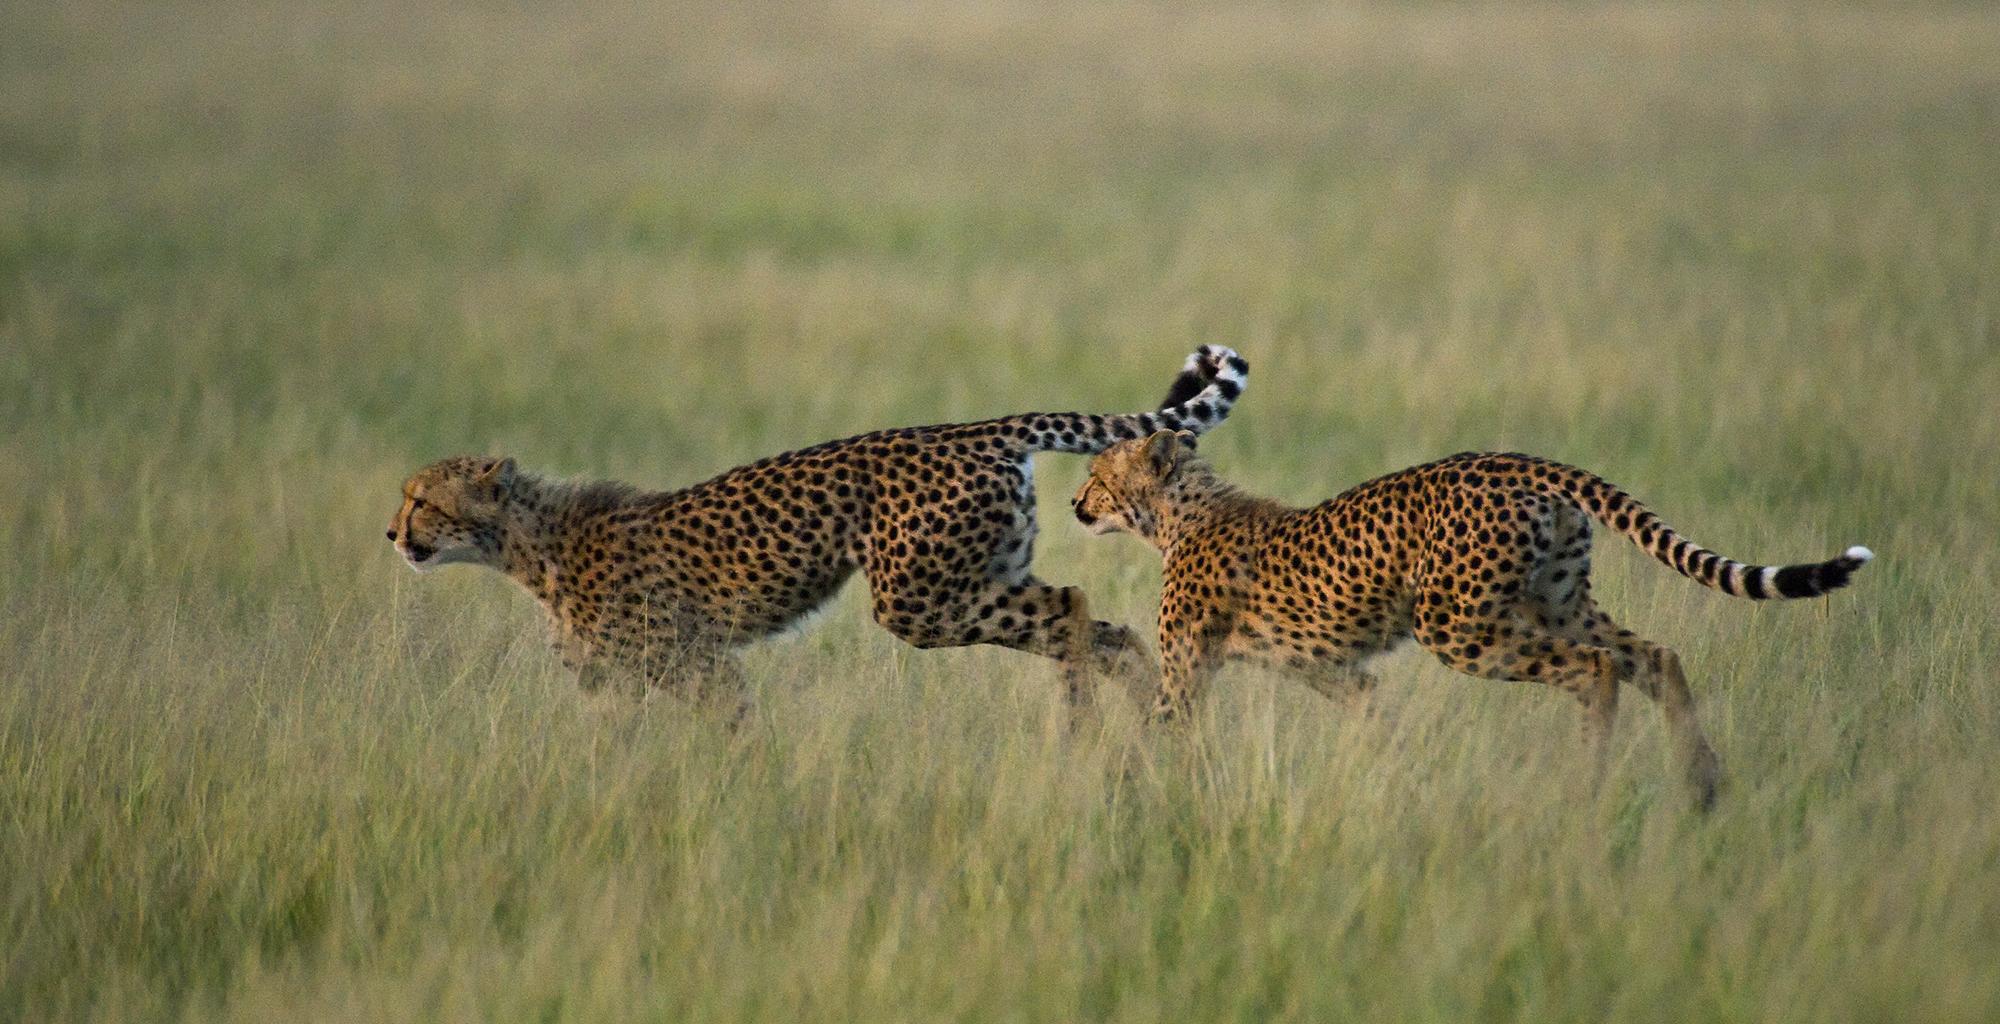 Botswana-Kalahari-Plains-Wildlife-Cheetah